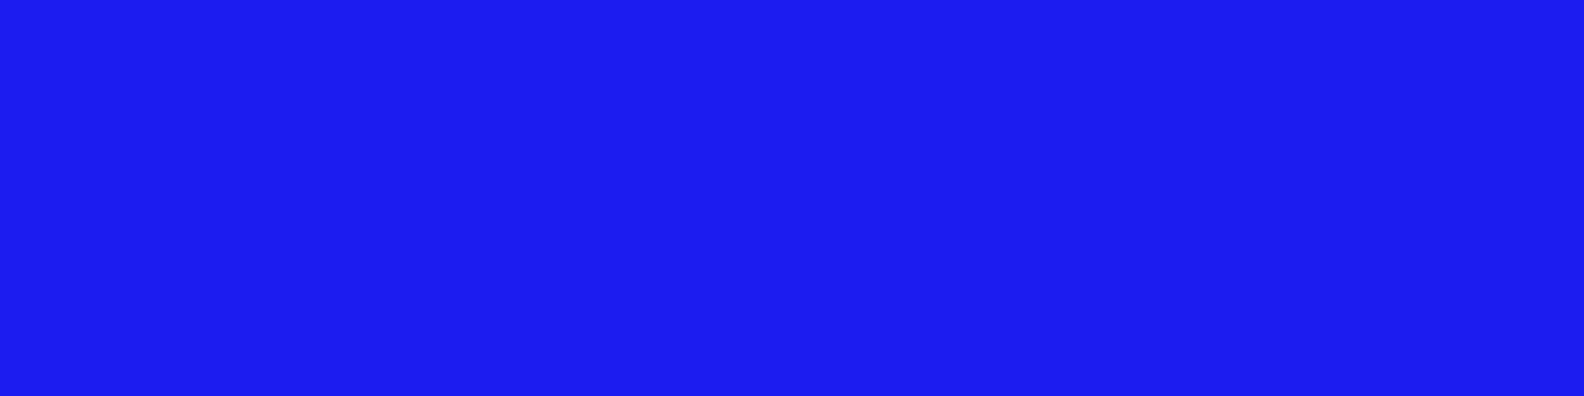 1584x396 Bluebonnet Solid Color Background